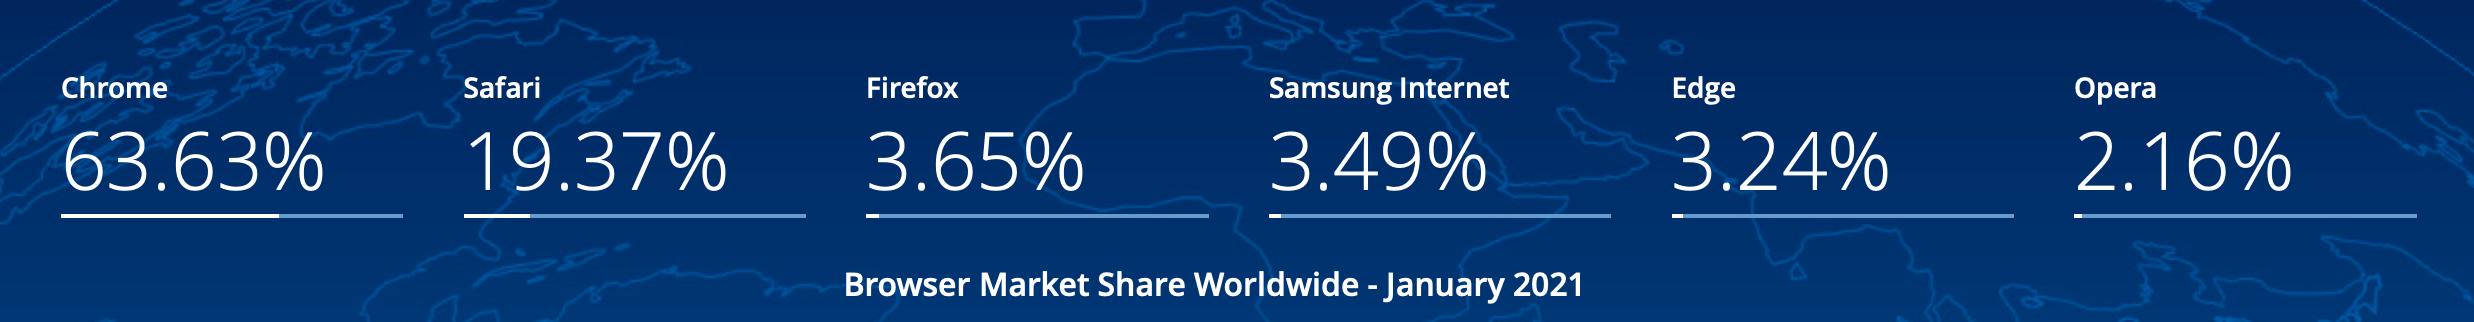 Global browser market share